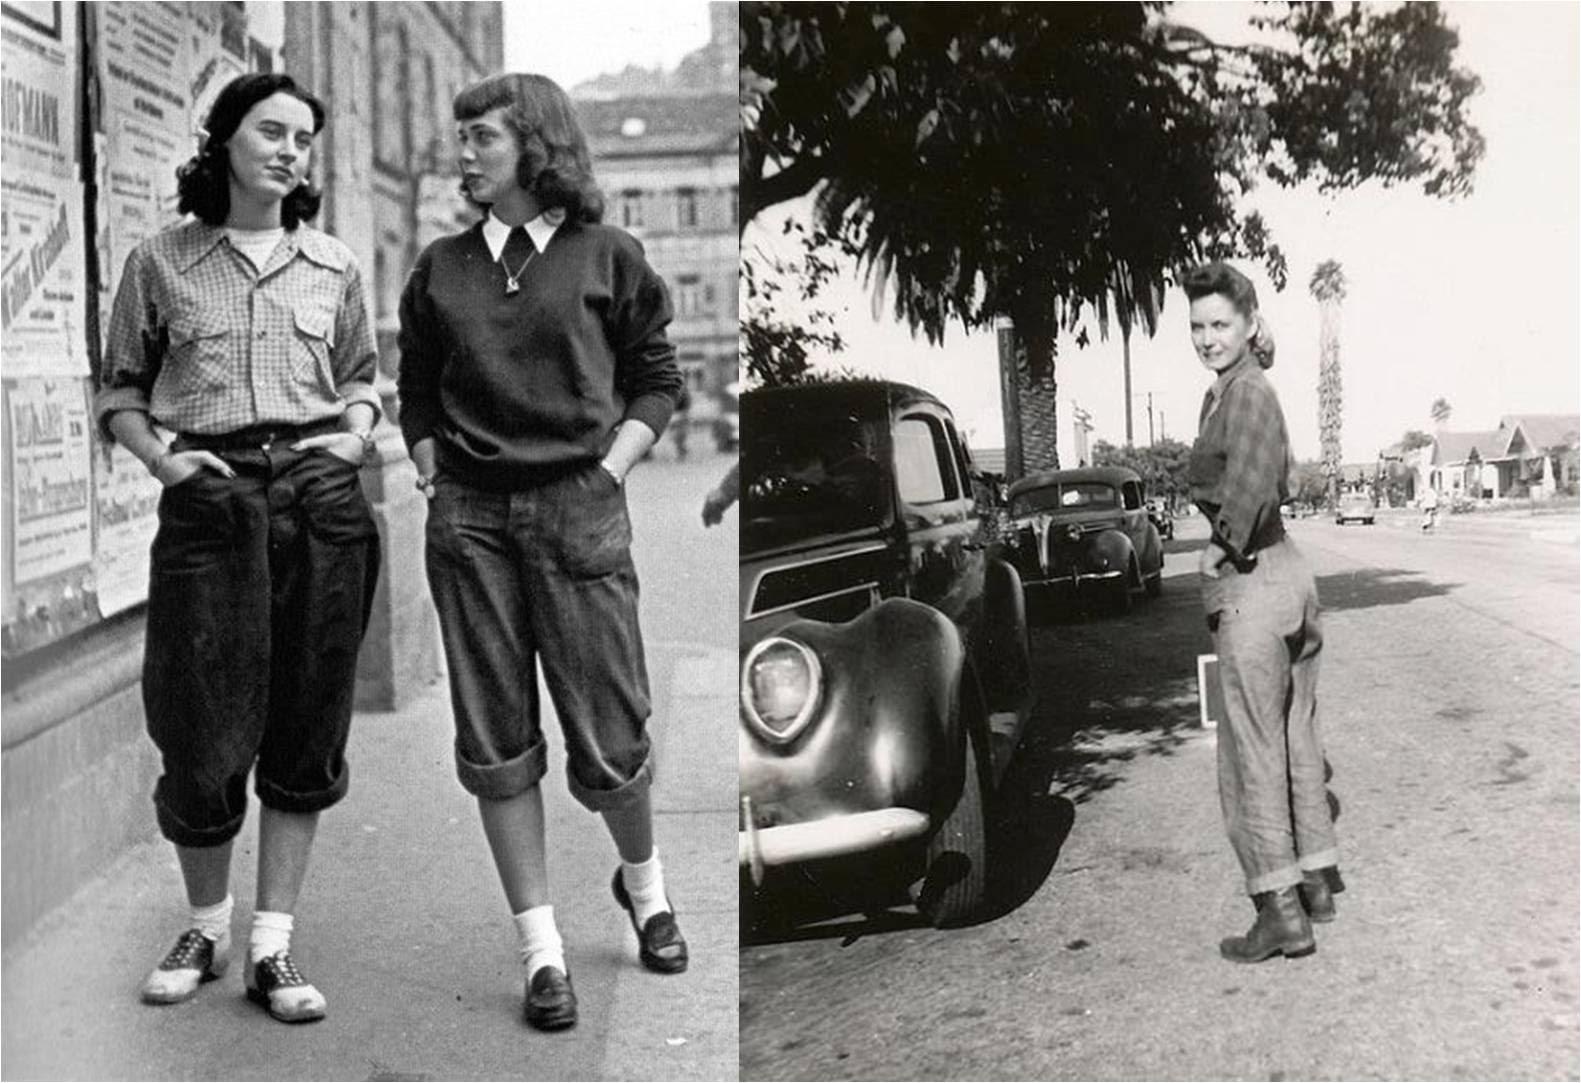 anos 40 a moda e a guerra mente flutuante retr